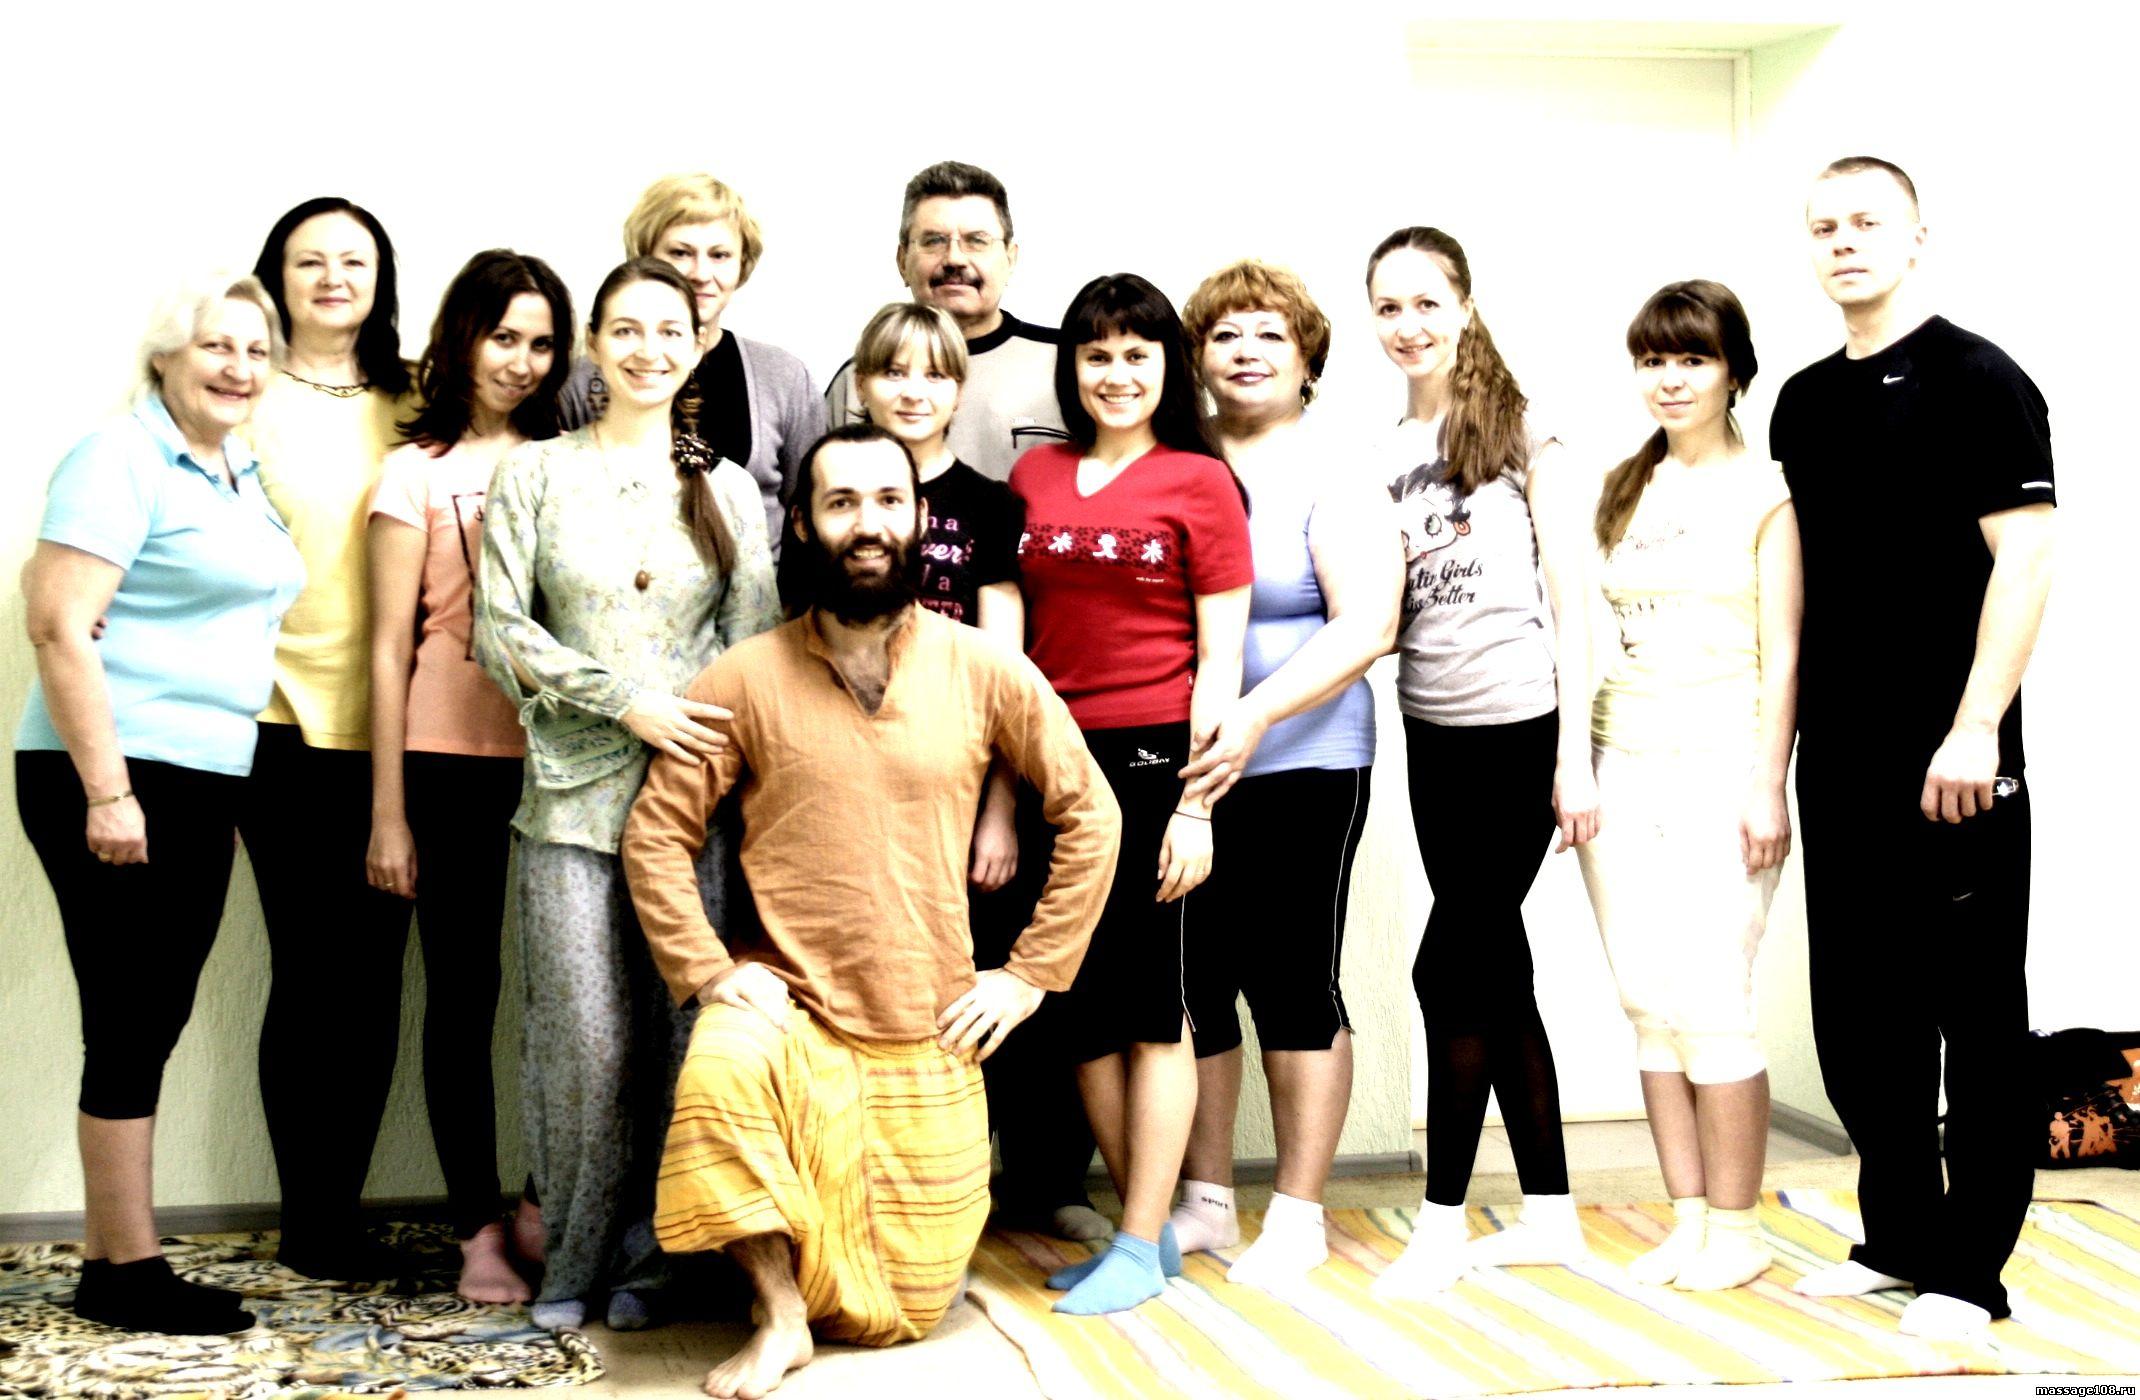 Обучение тайскому йога-массажу в Волгограде, Липецке